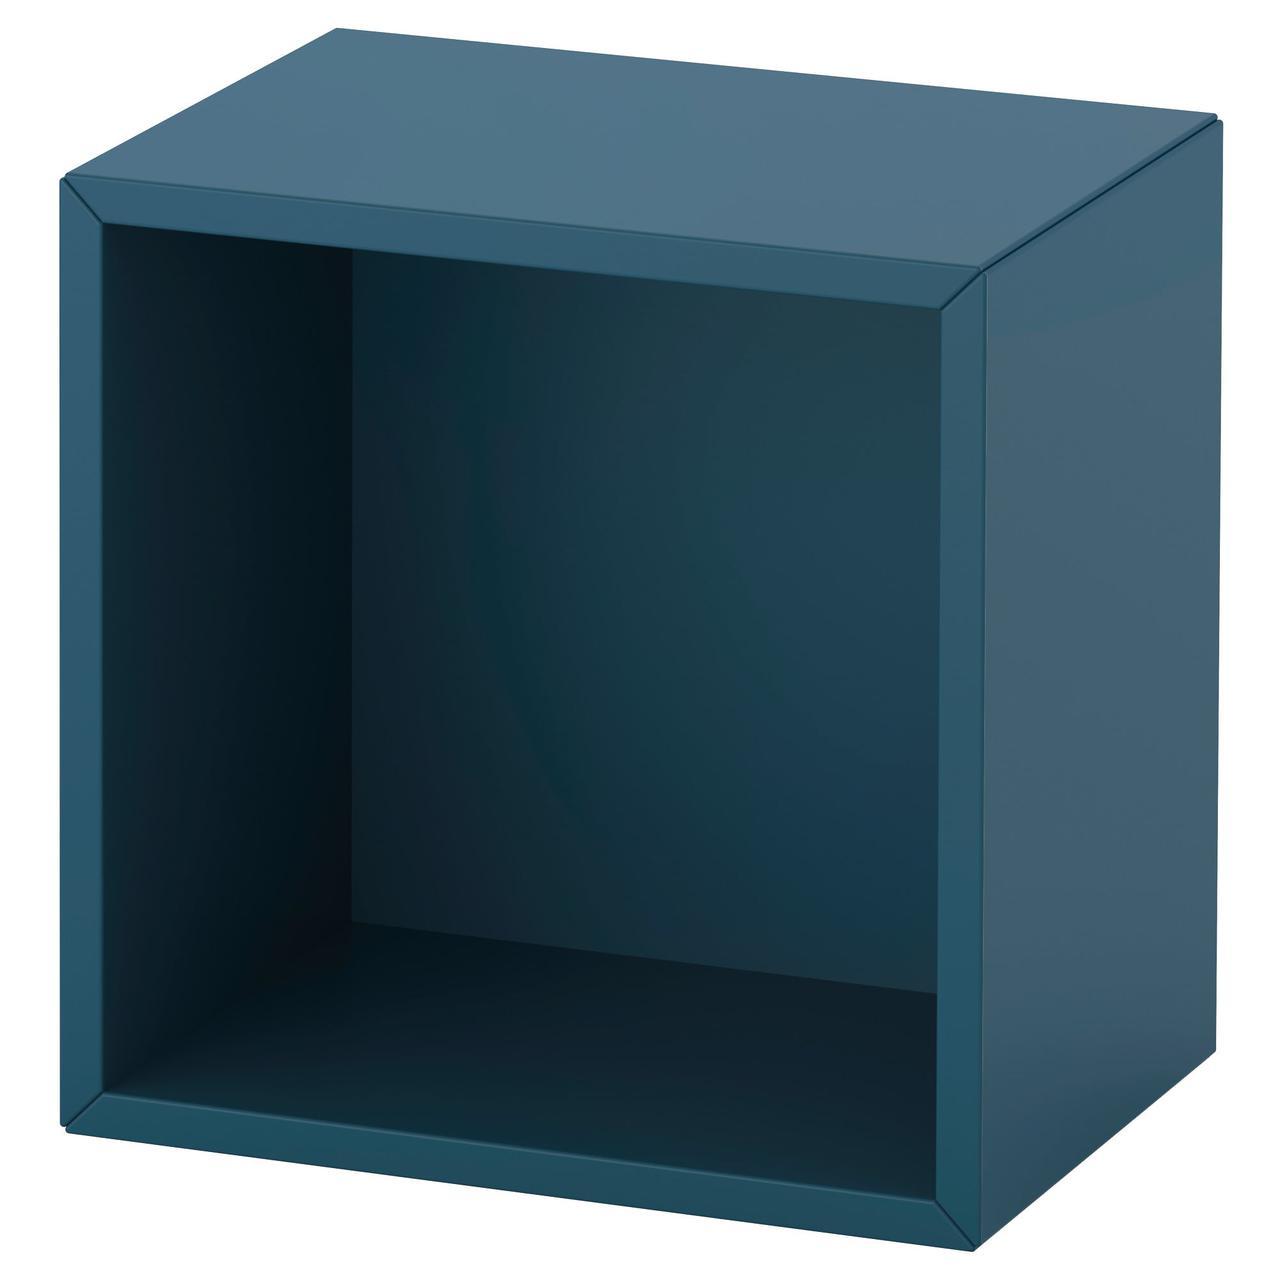 Полка настенная IKEA EKET 35x25x35 см темно-синяя 992.858.48